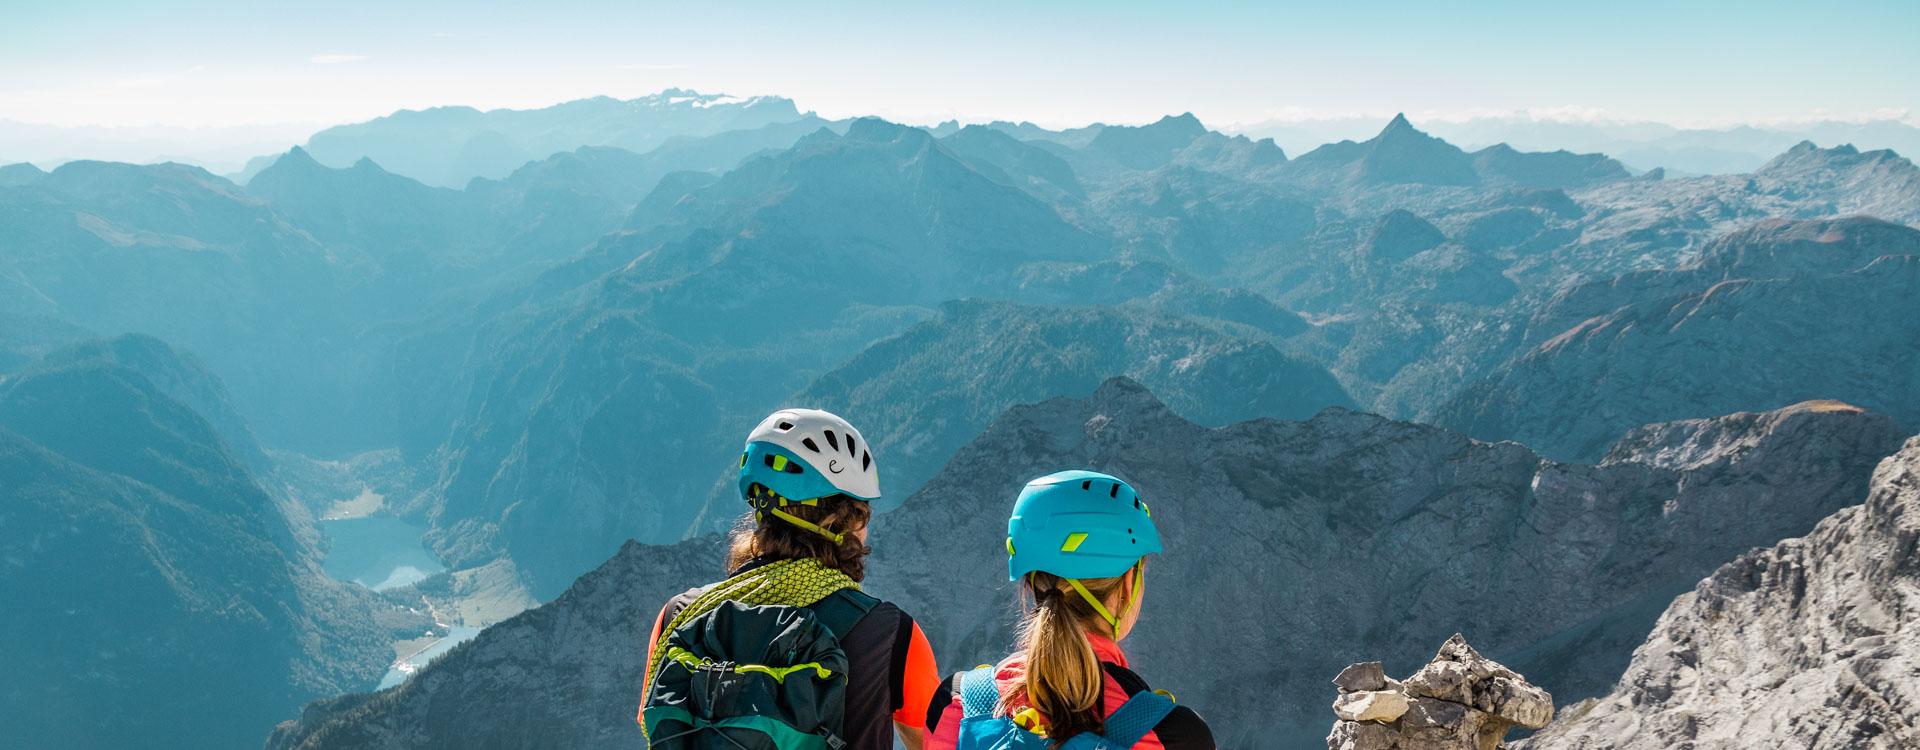 klettersteige-und-wandern-in-berchtesgaden.jpg